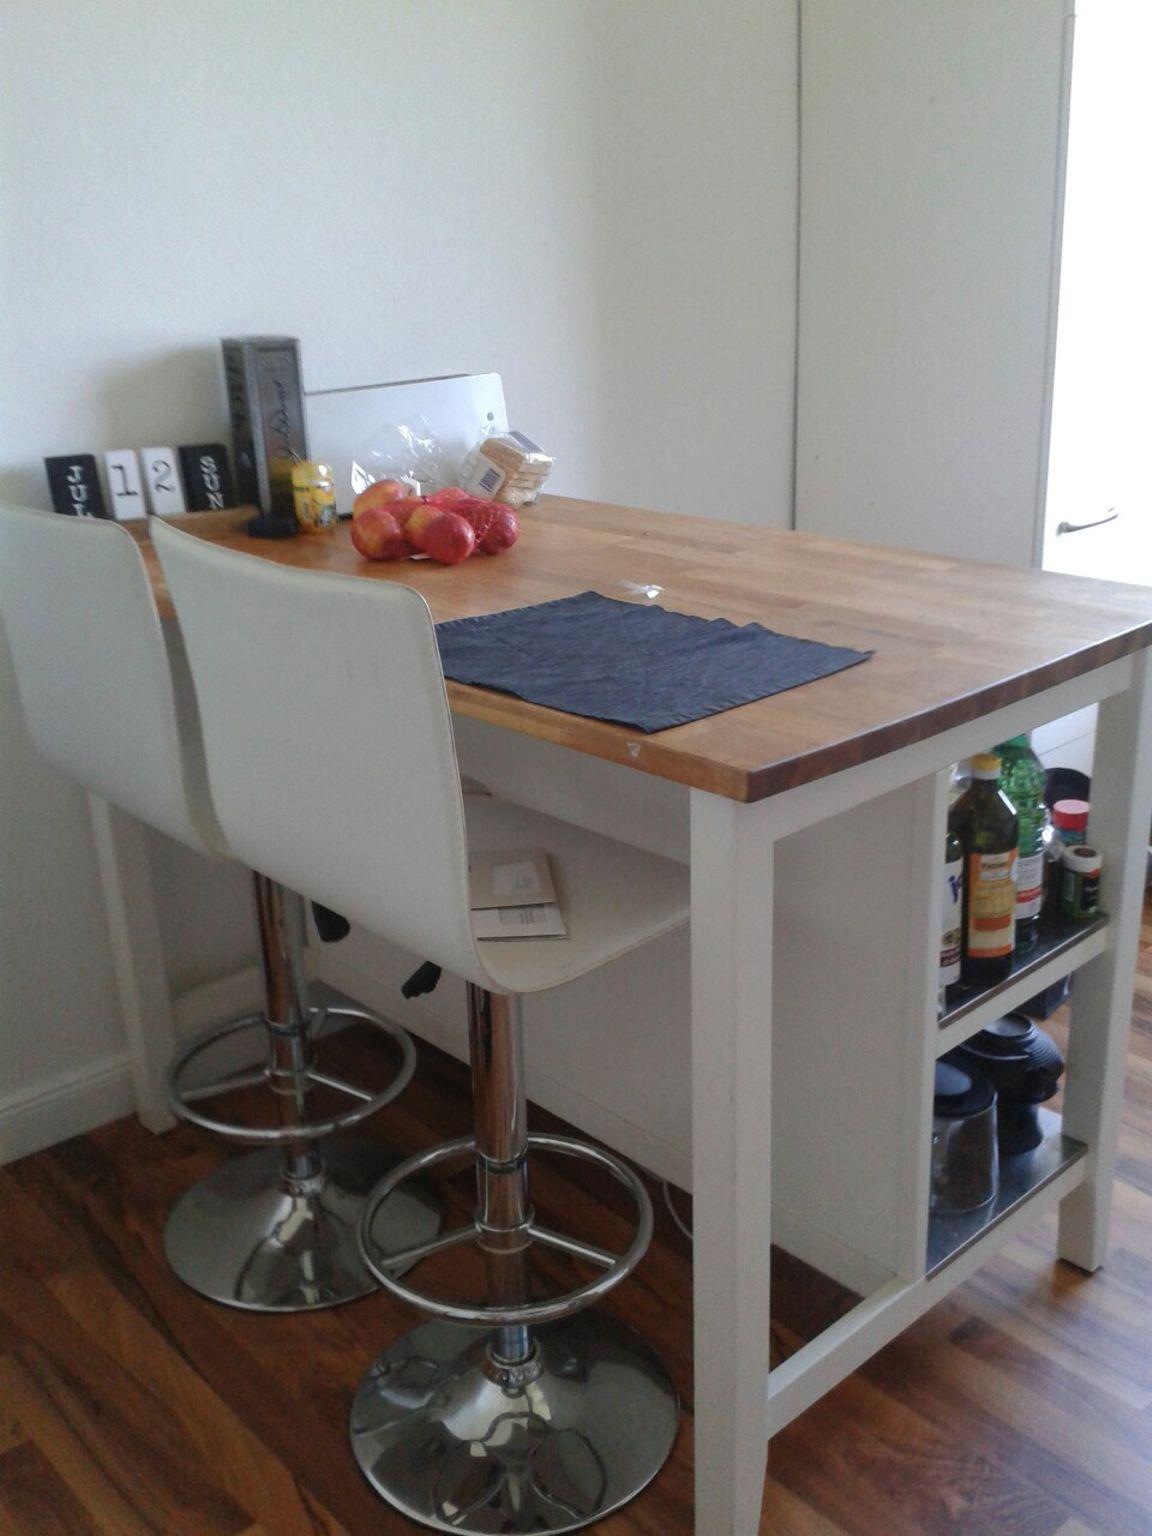 Full Size of Küche Ikea Kosten Sofa Mit Schlaffunktion Betten Bei Miniküche Modulküche Kaufen 160x200 Wohnzimmer Kücheninseln Ikea